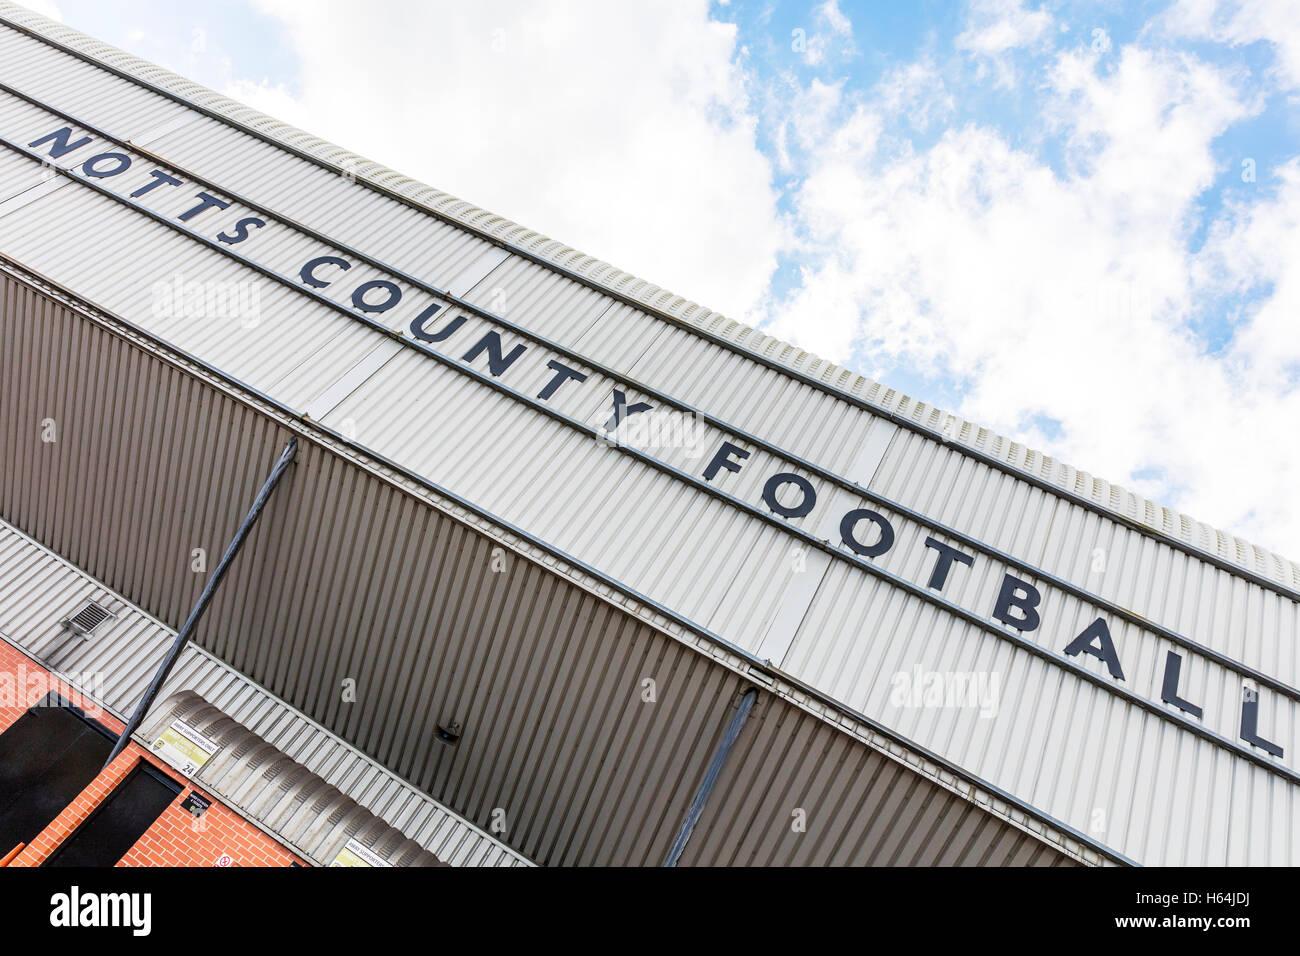 Notts county football club stadium Nottingham county football sign soccer stadium stadiums clubs UK GB England - Stock Image